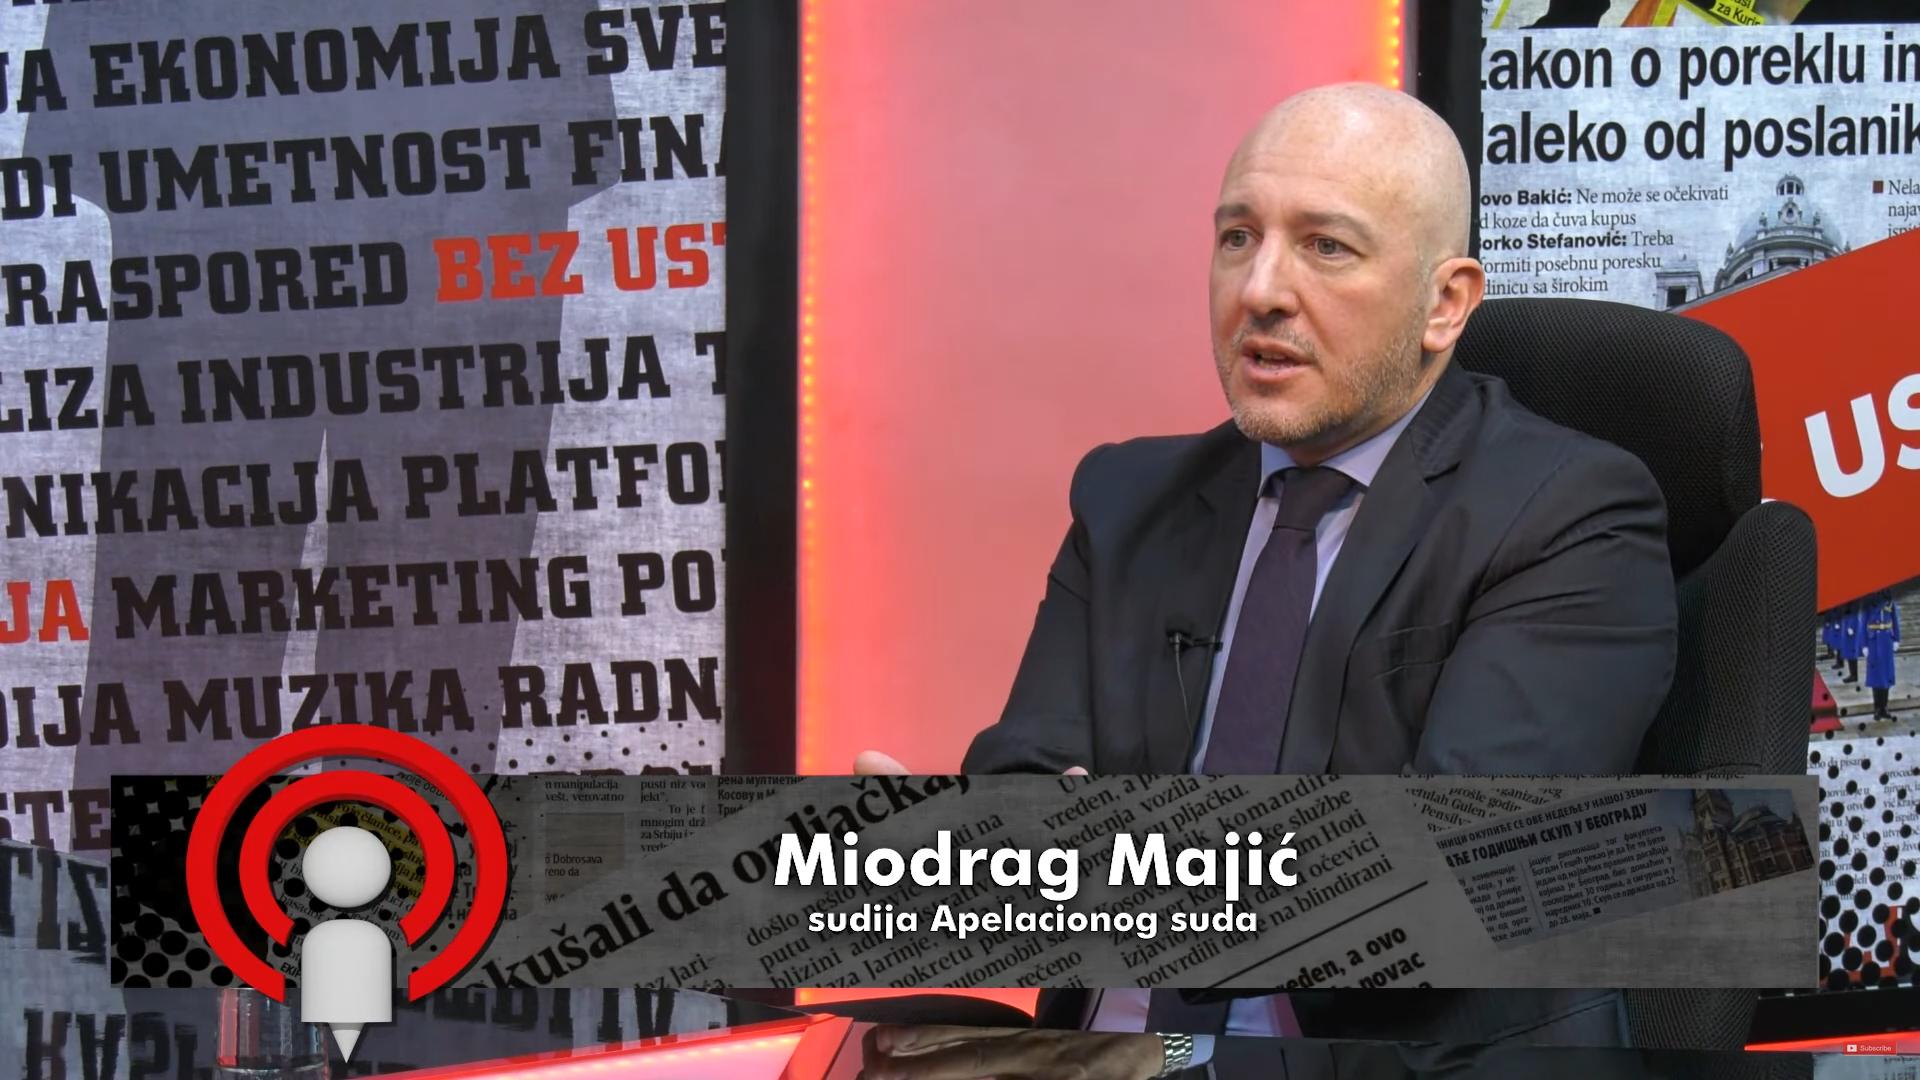 Miodrag Majić: Kada ste videli predstavnika aktuelne vlasti pred tužilaštvom i sudom?